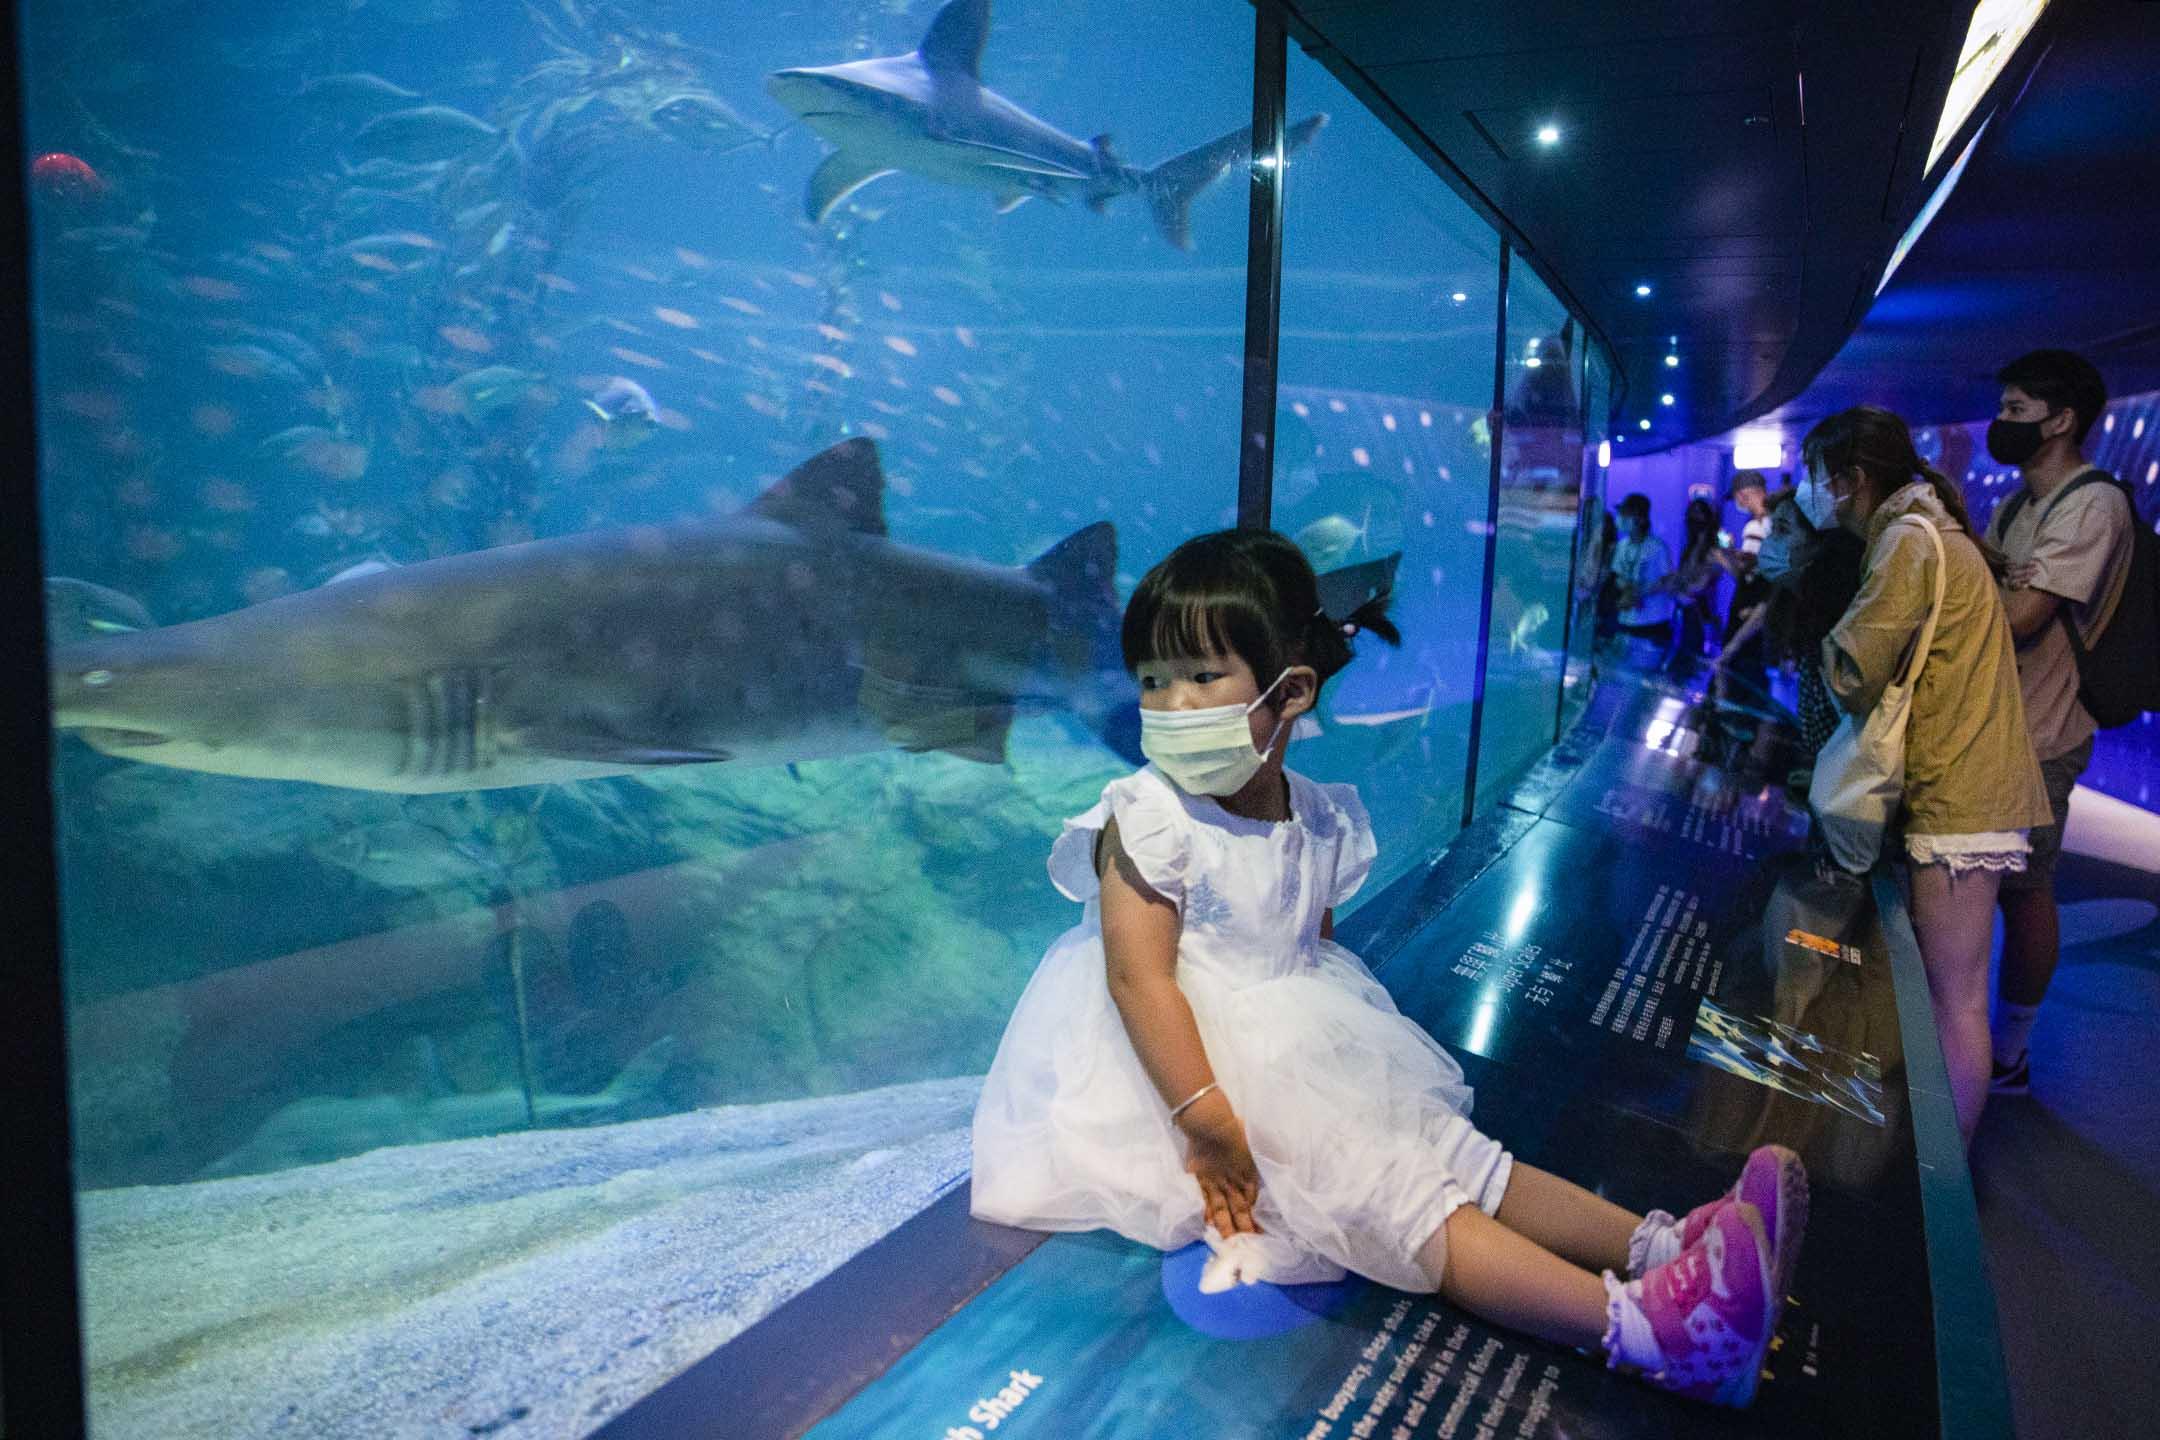 2021年4月15日,一個女孩在鯊魚館内。